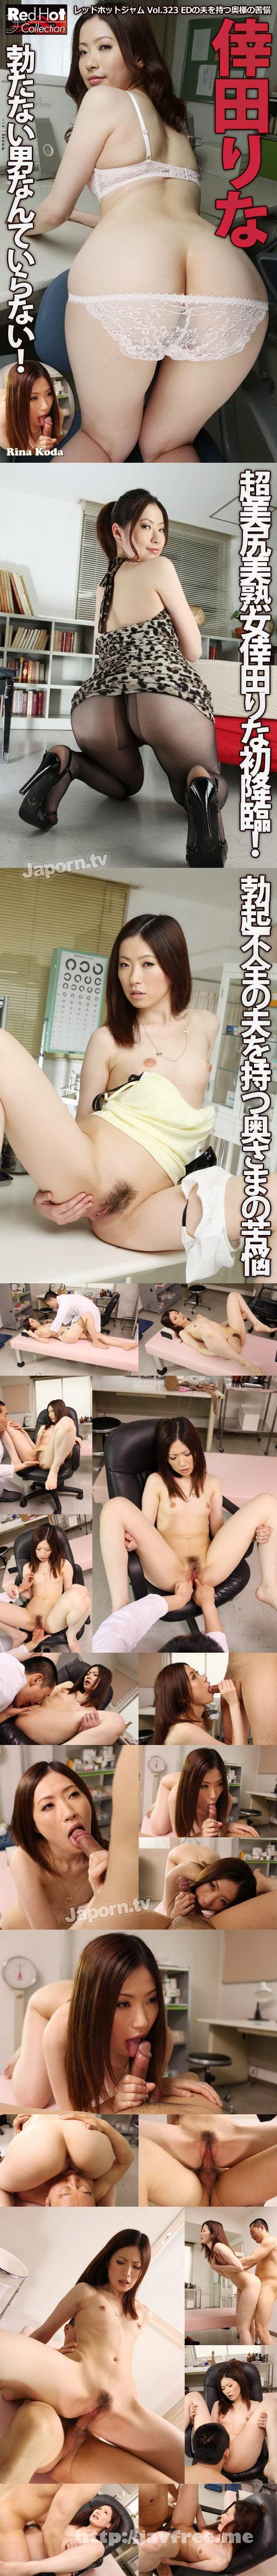 RHJ-323  レッドホットジャム Vol.323 EDの夫を持つ奥様の苦悩 : 倖田りな 倖田りな Rina Koda RHJ